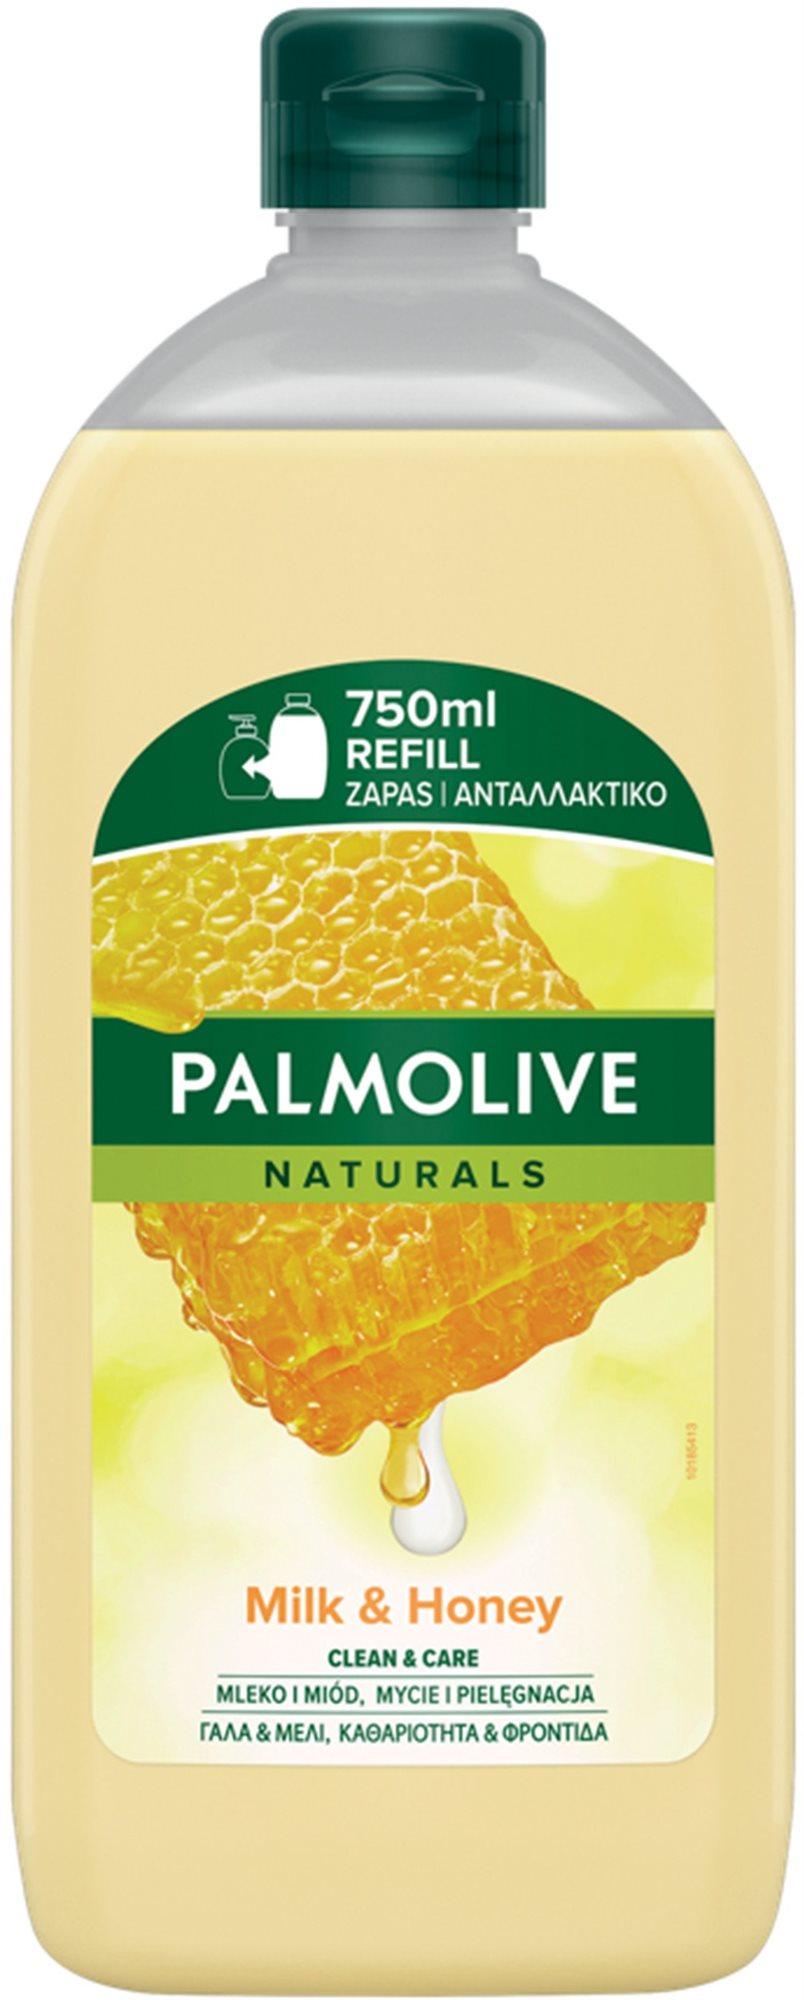 PALMOLIVE Tej & Méz utántöltő 750 ml